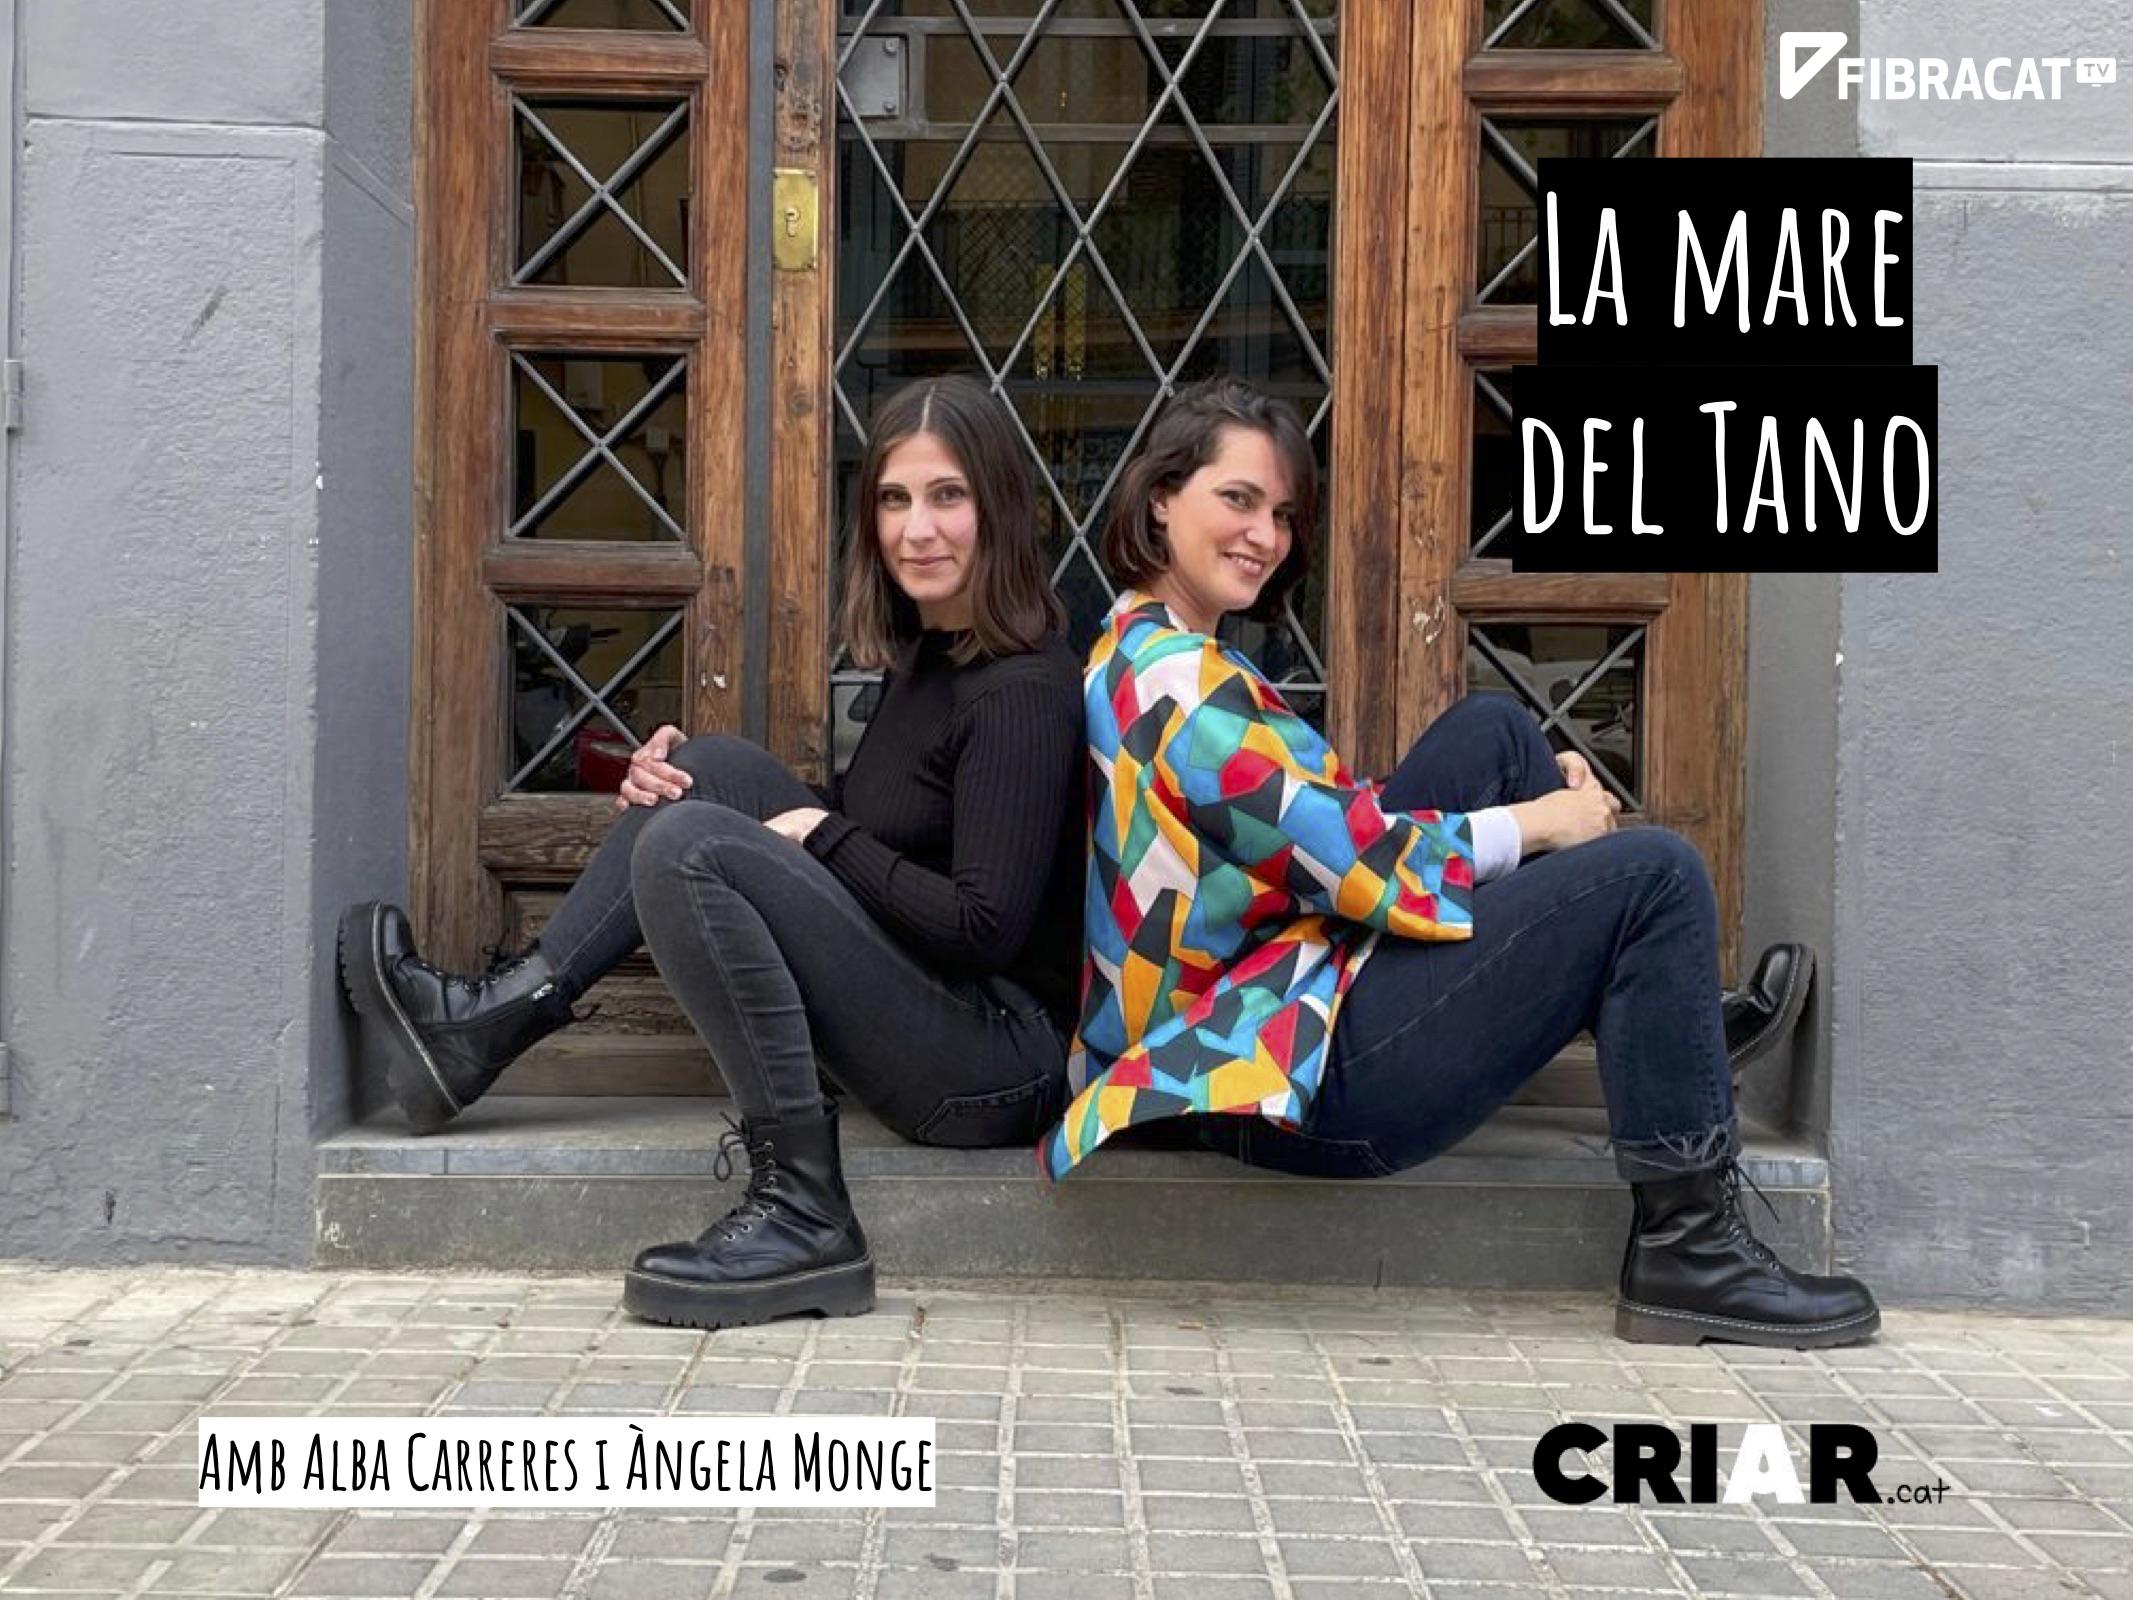 Alba Carreres i Àngela Monge a 'La mare del Tano'